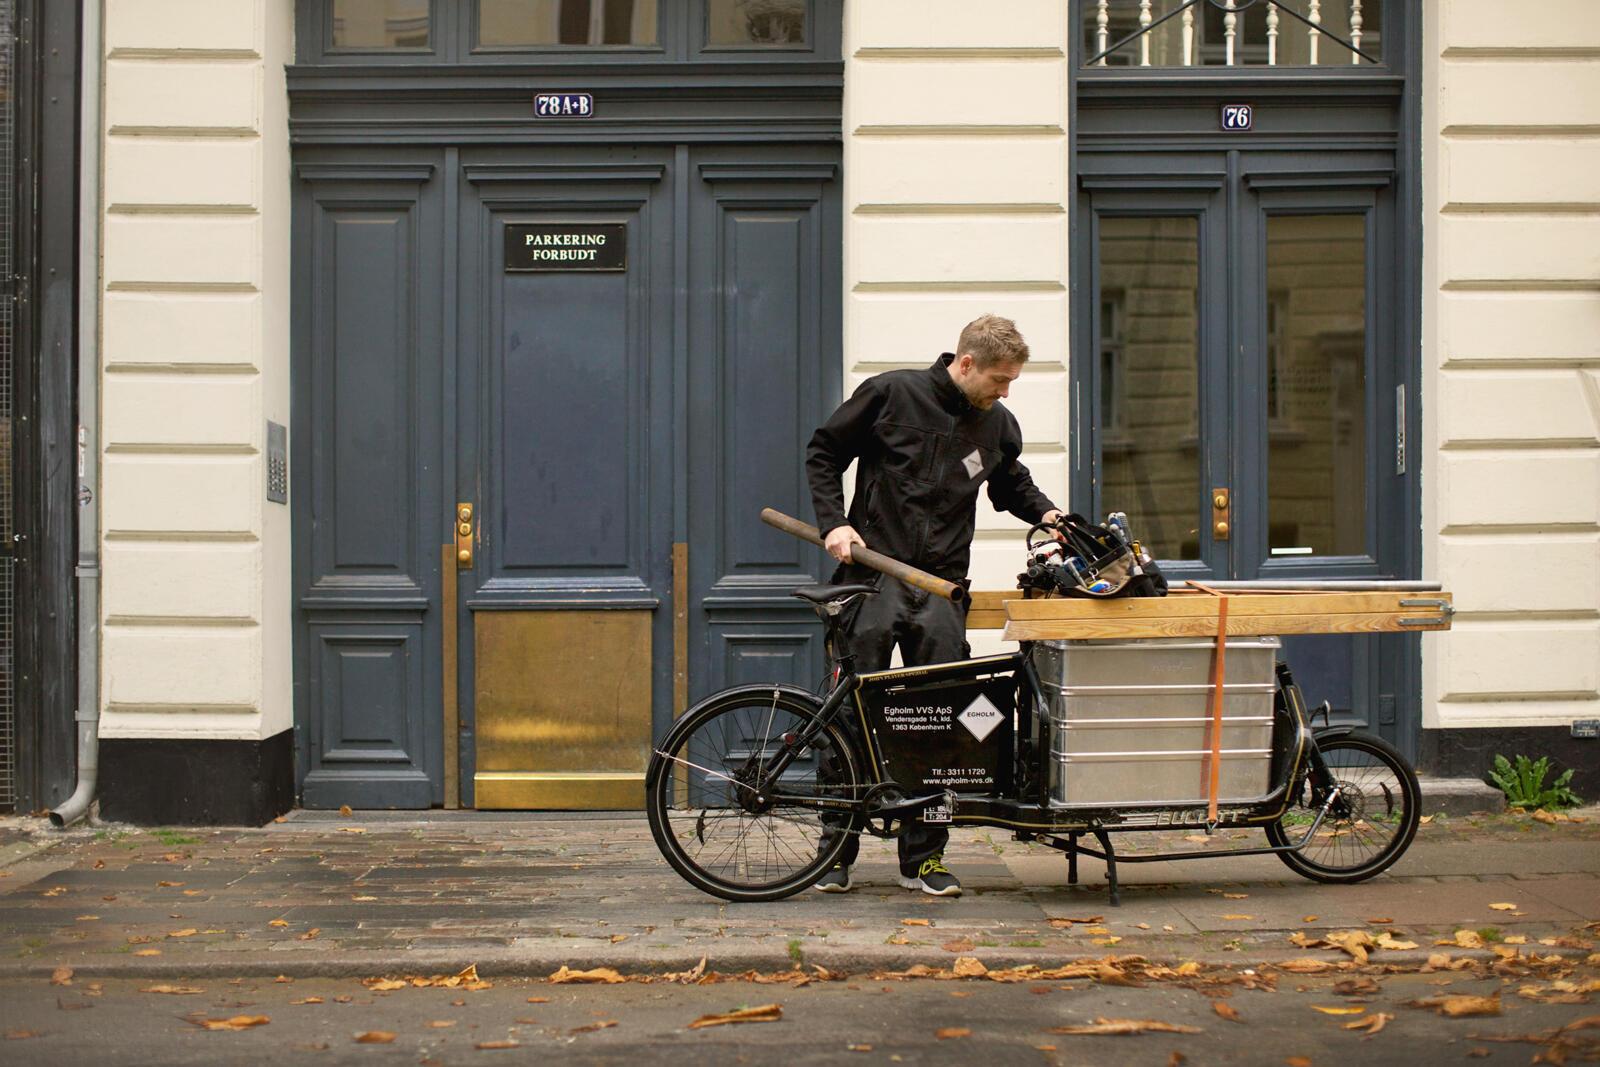 Pour ce plombier et d'autres artisans, le vélo cargo est d'abord une façon d'aller plus vite sans les ennuis de stationnement.